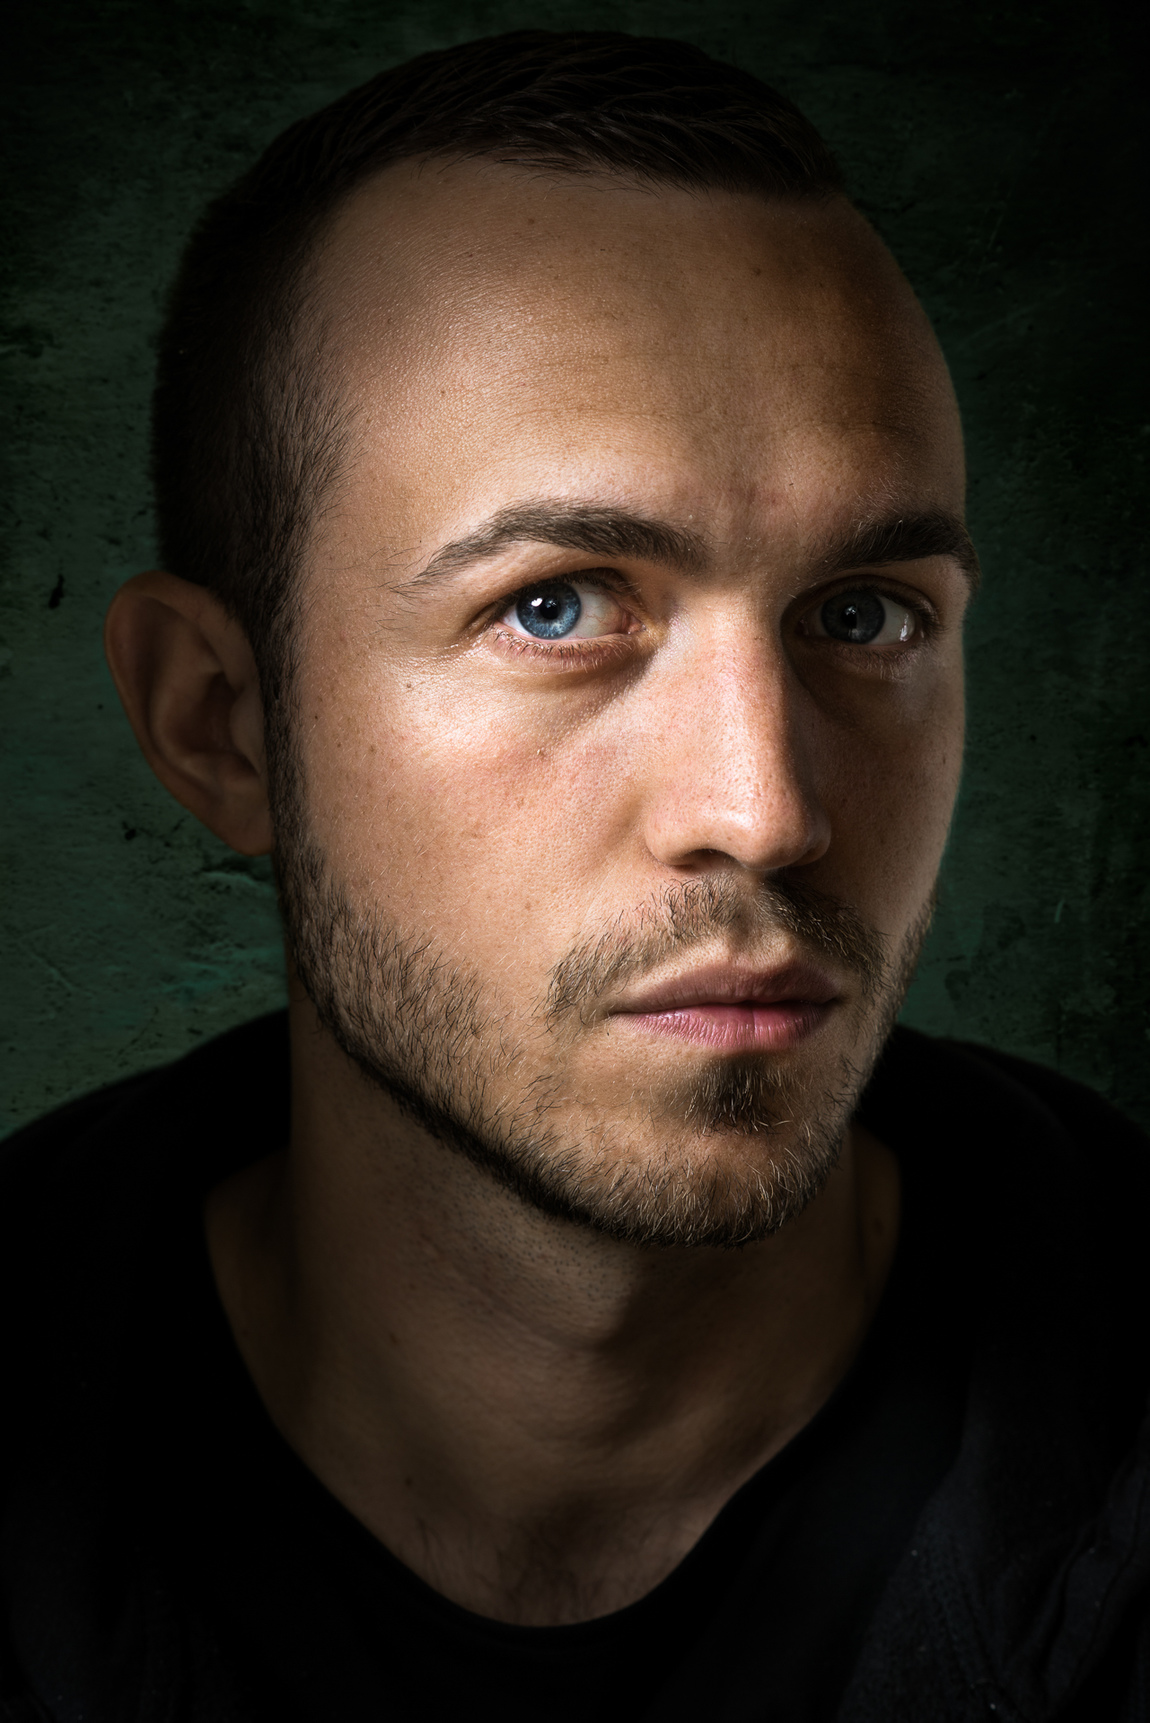 Anders G Warne - Portraits